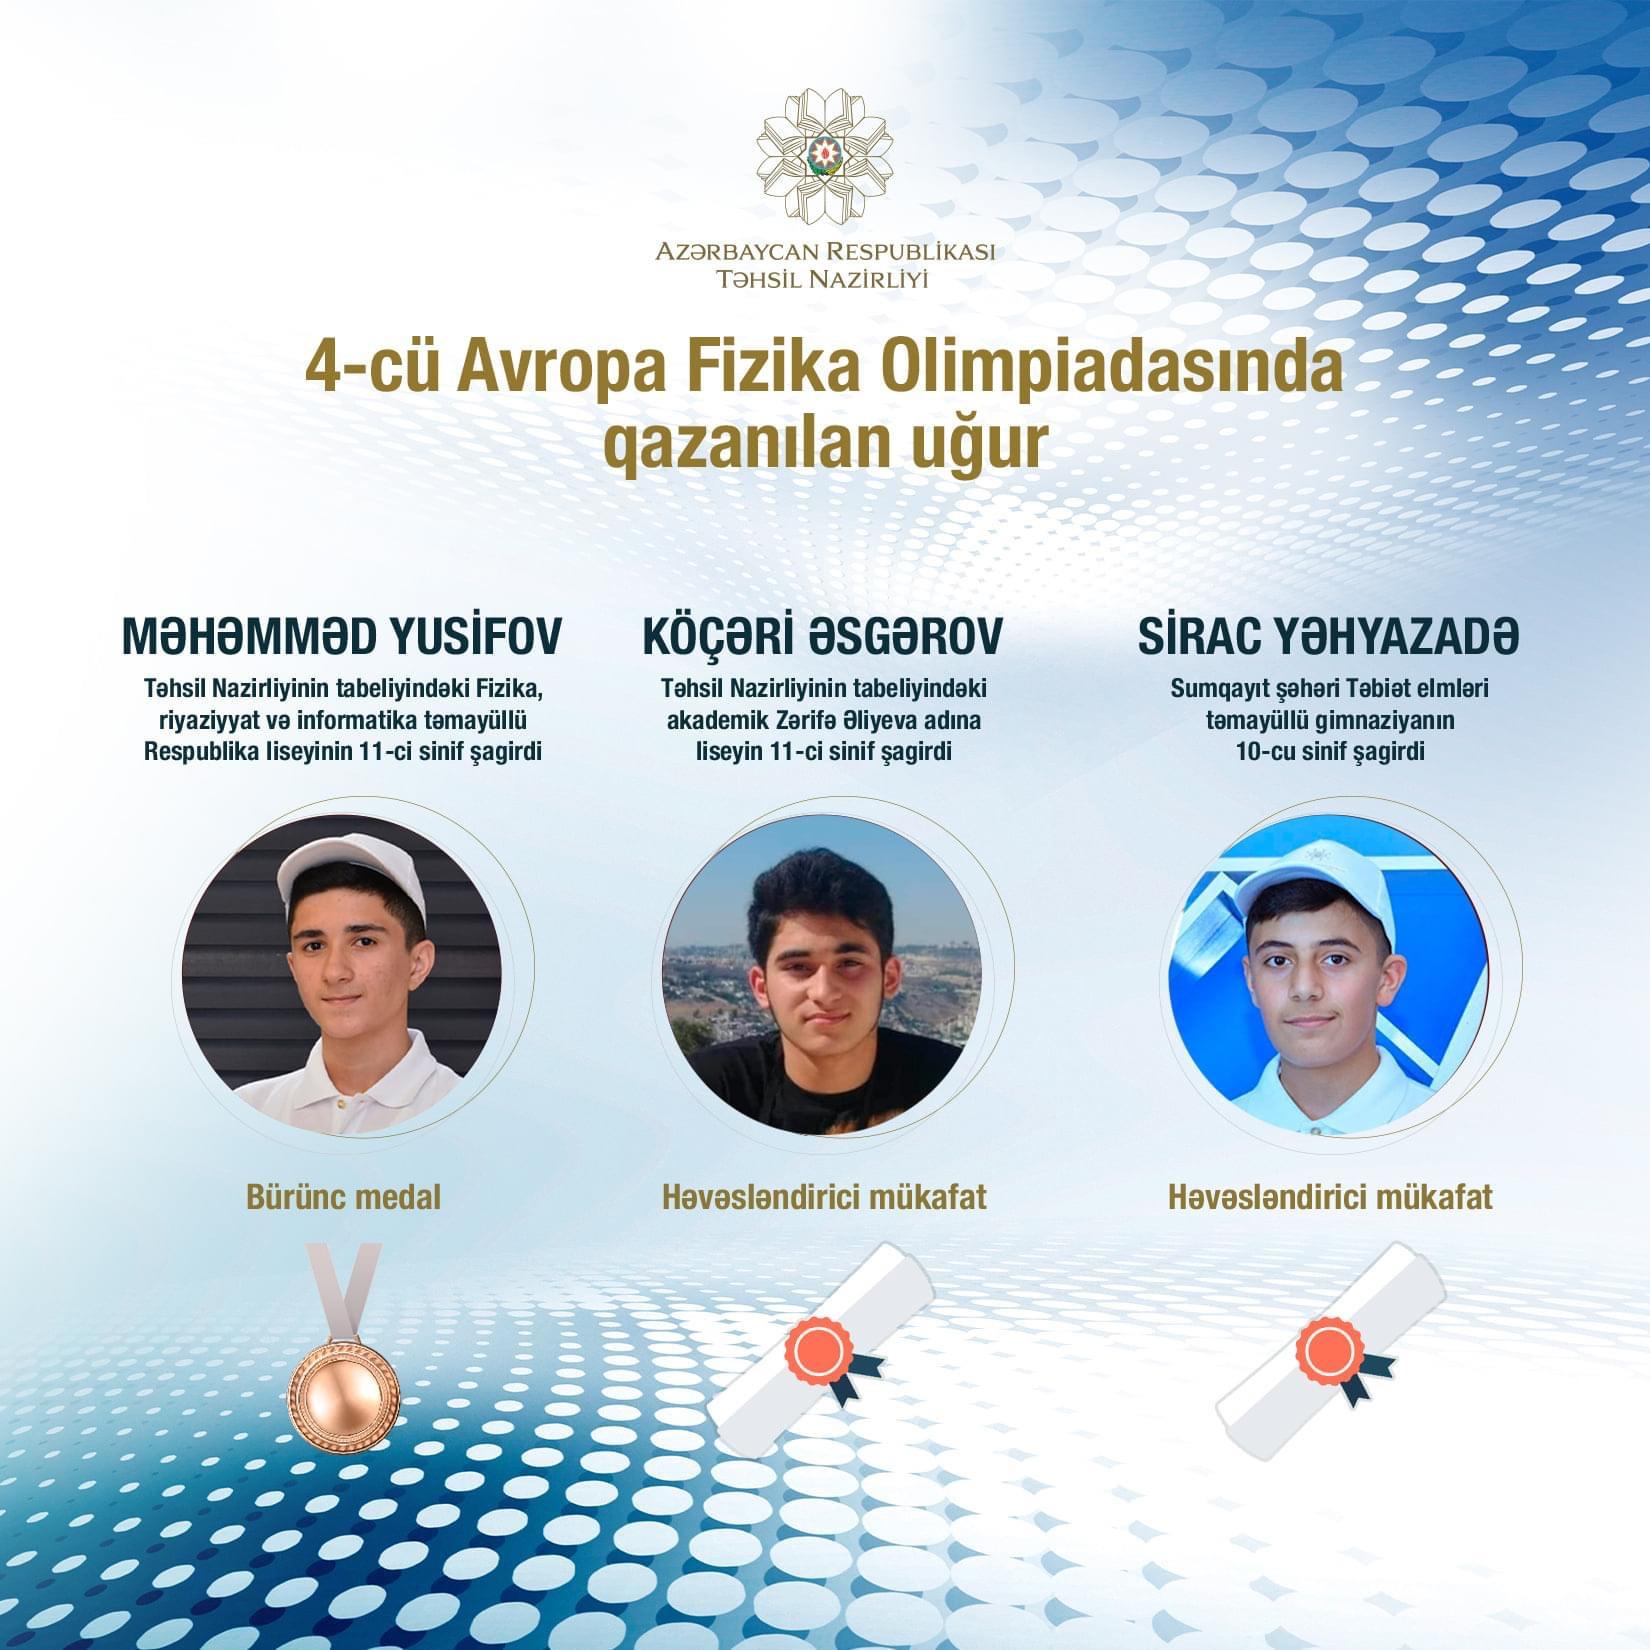 Məktəblilərimiz beynəlxalq olimpiadada tarixi uğura imza atdılar